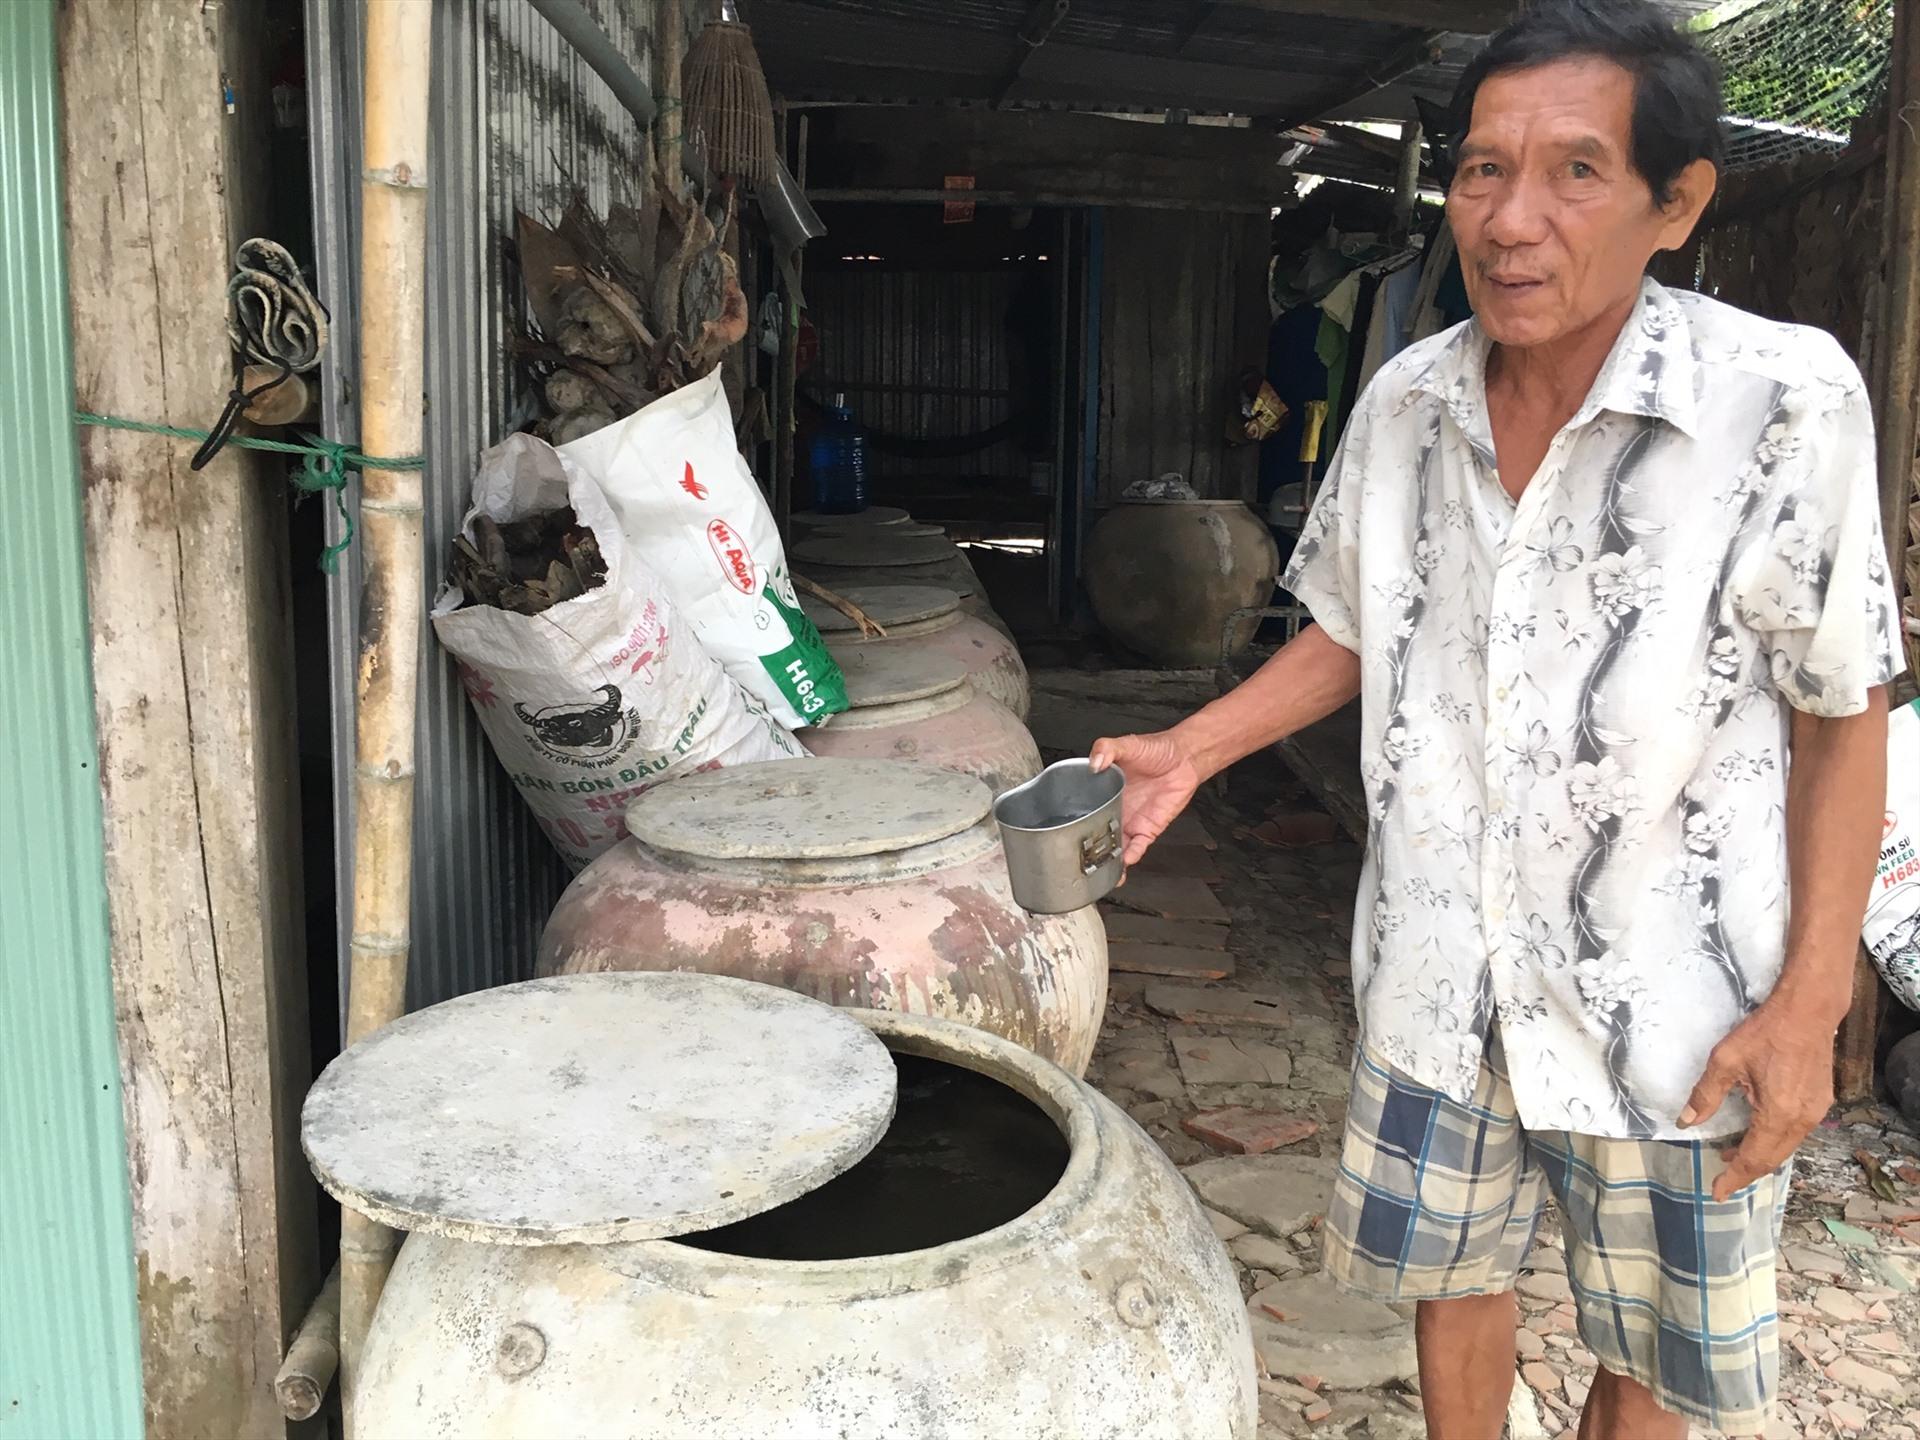 Nông dân Bến Tre lấy nước mưa trong lu để sử dụng vào những ngày khô hạn. Ảnh: Tr.L